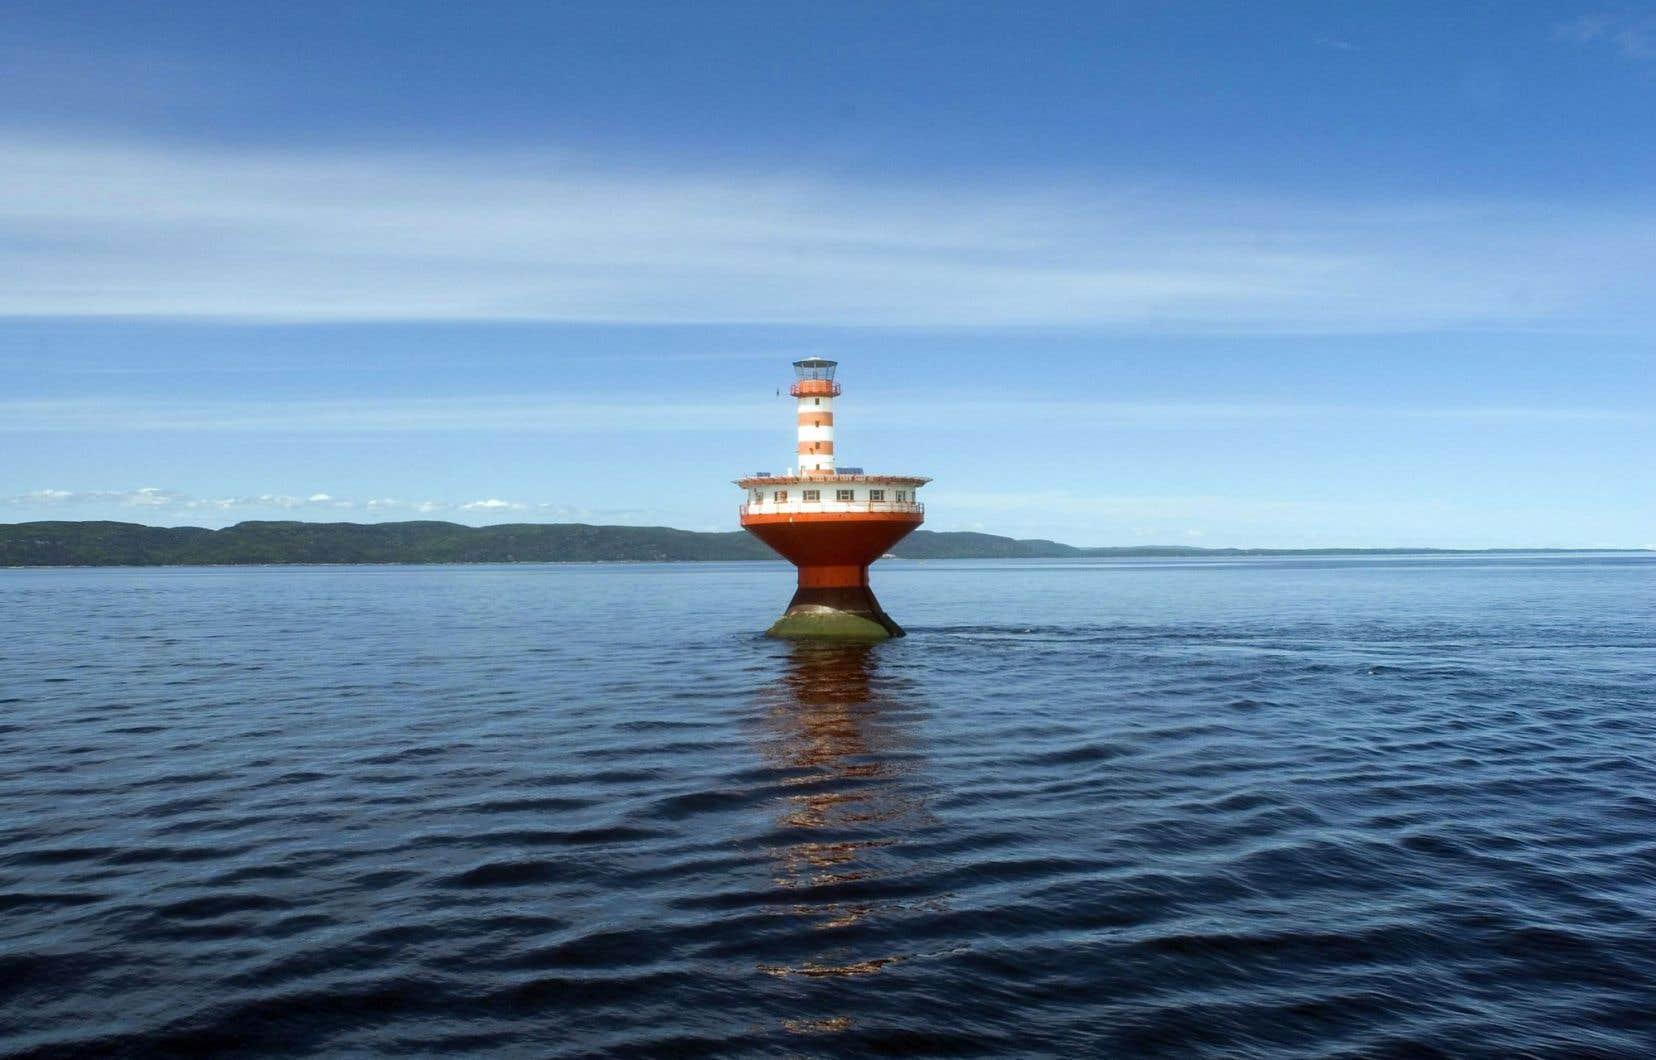 À l'heure actuelle, il existe une seule zone maritime formellement protégée dans tout le Saint-Laurent.